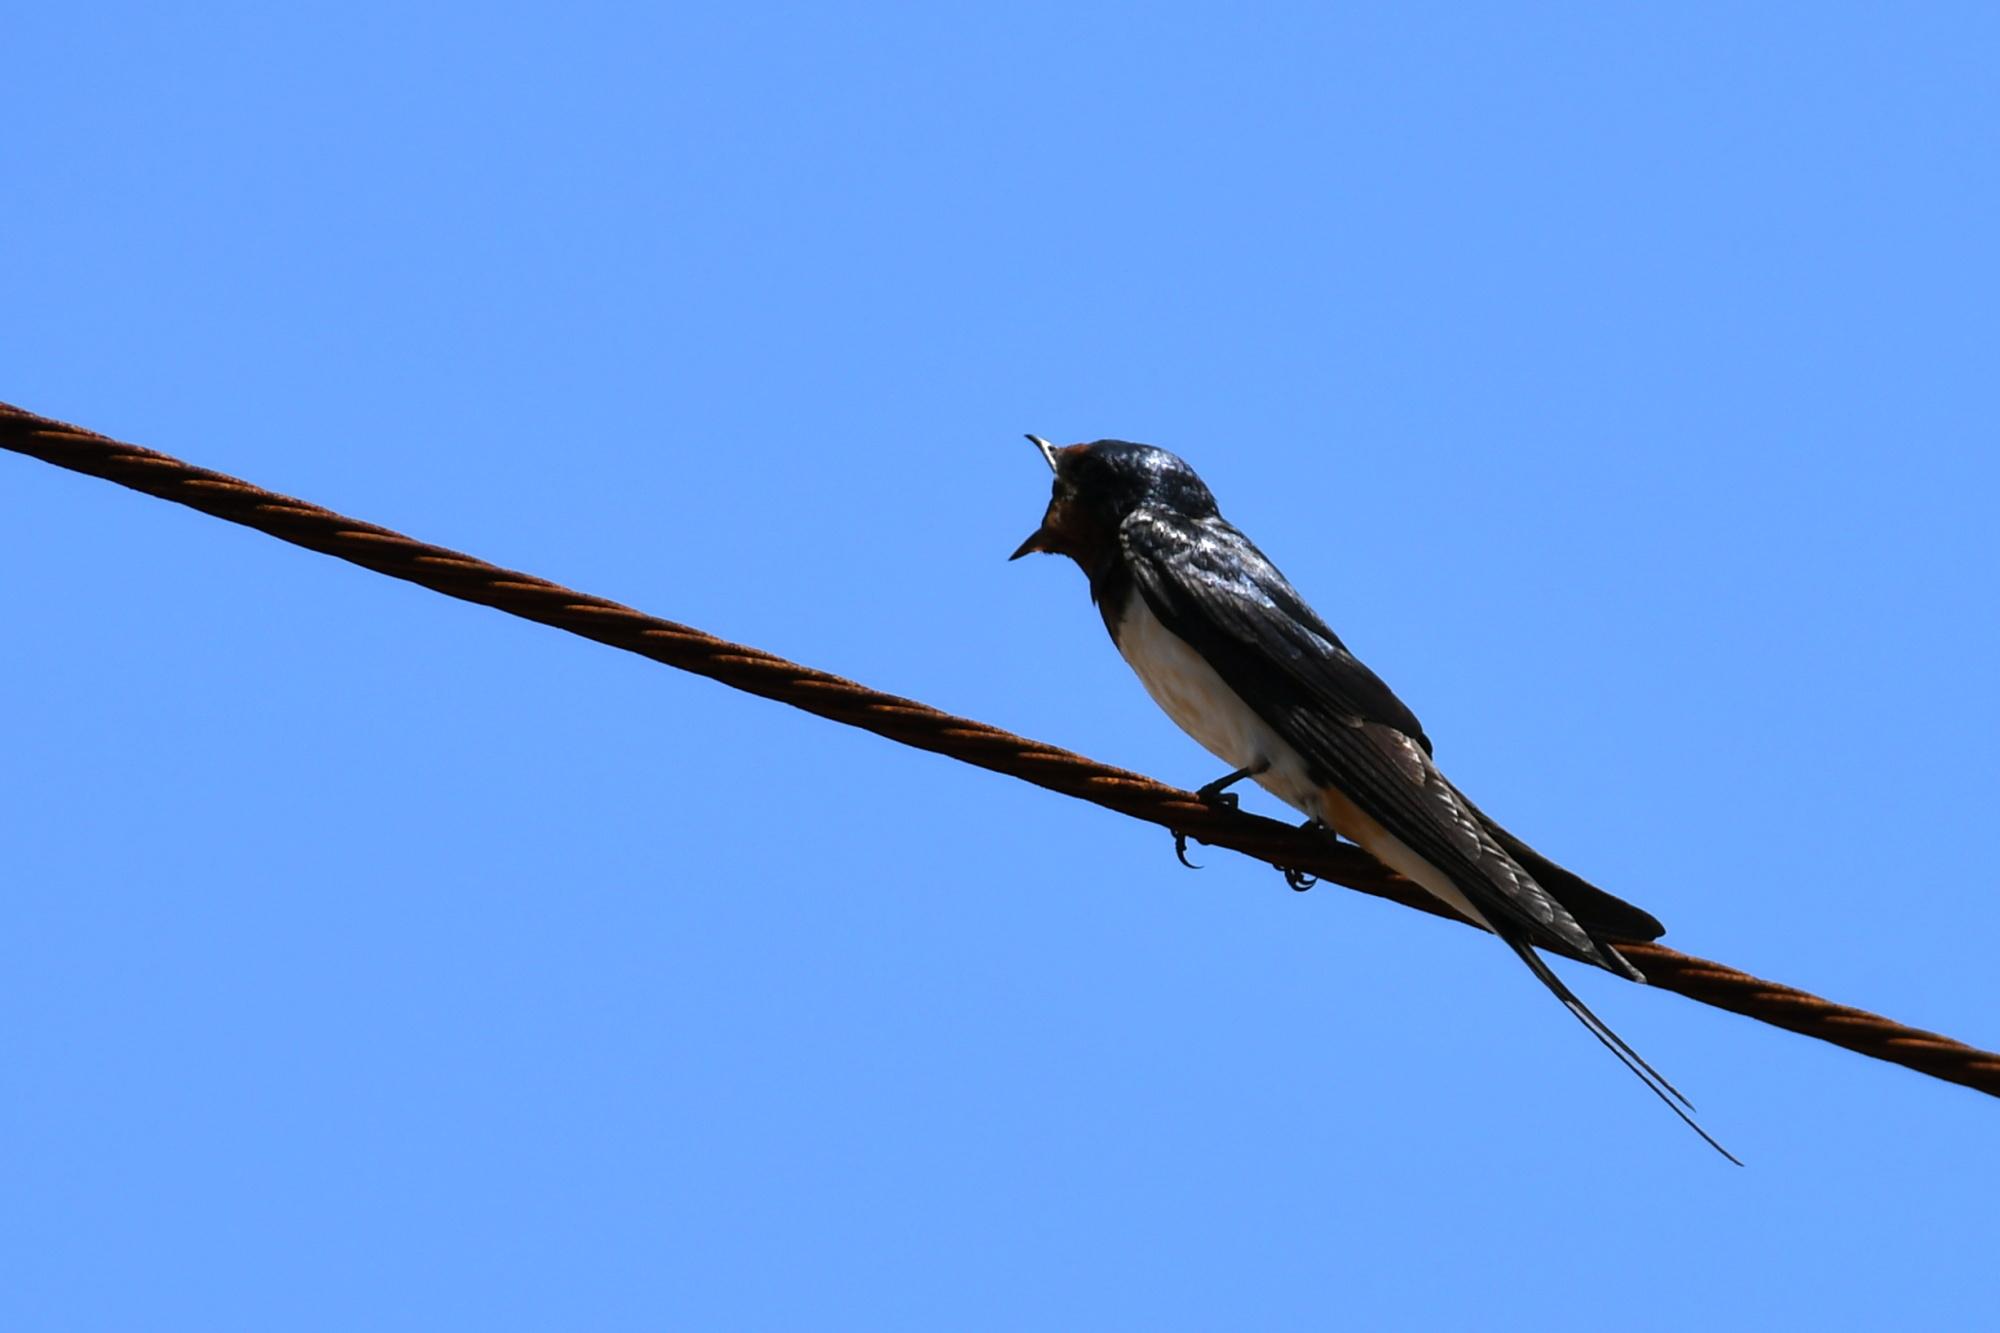 6月に出会った鳥さんたち②_a0127090_12592393.jpg